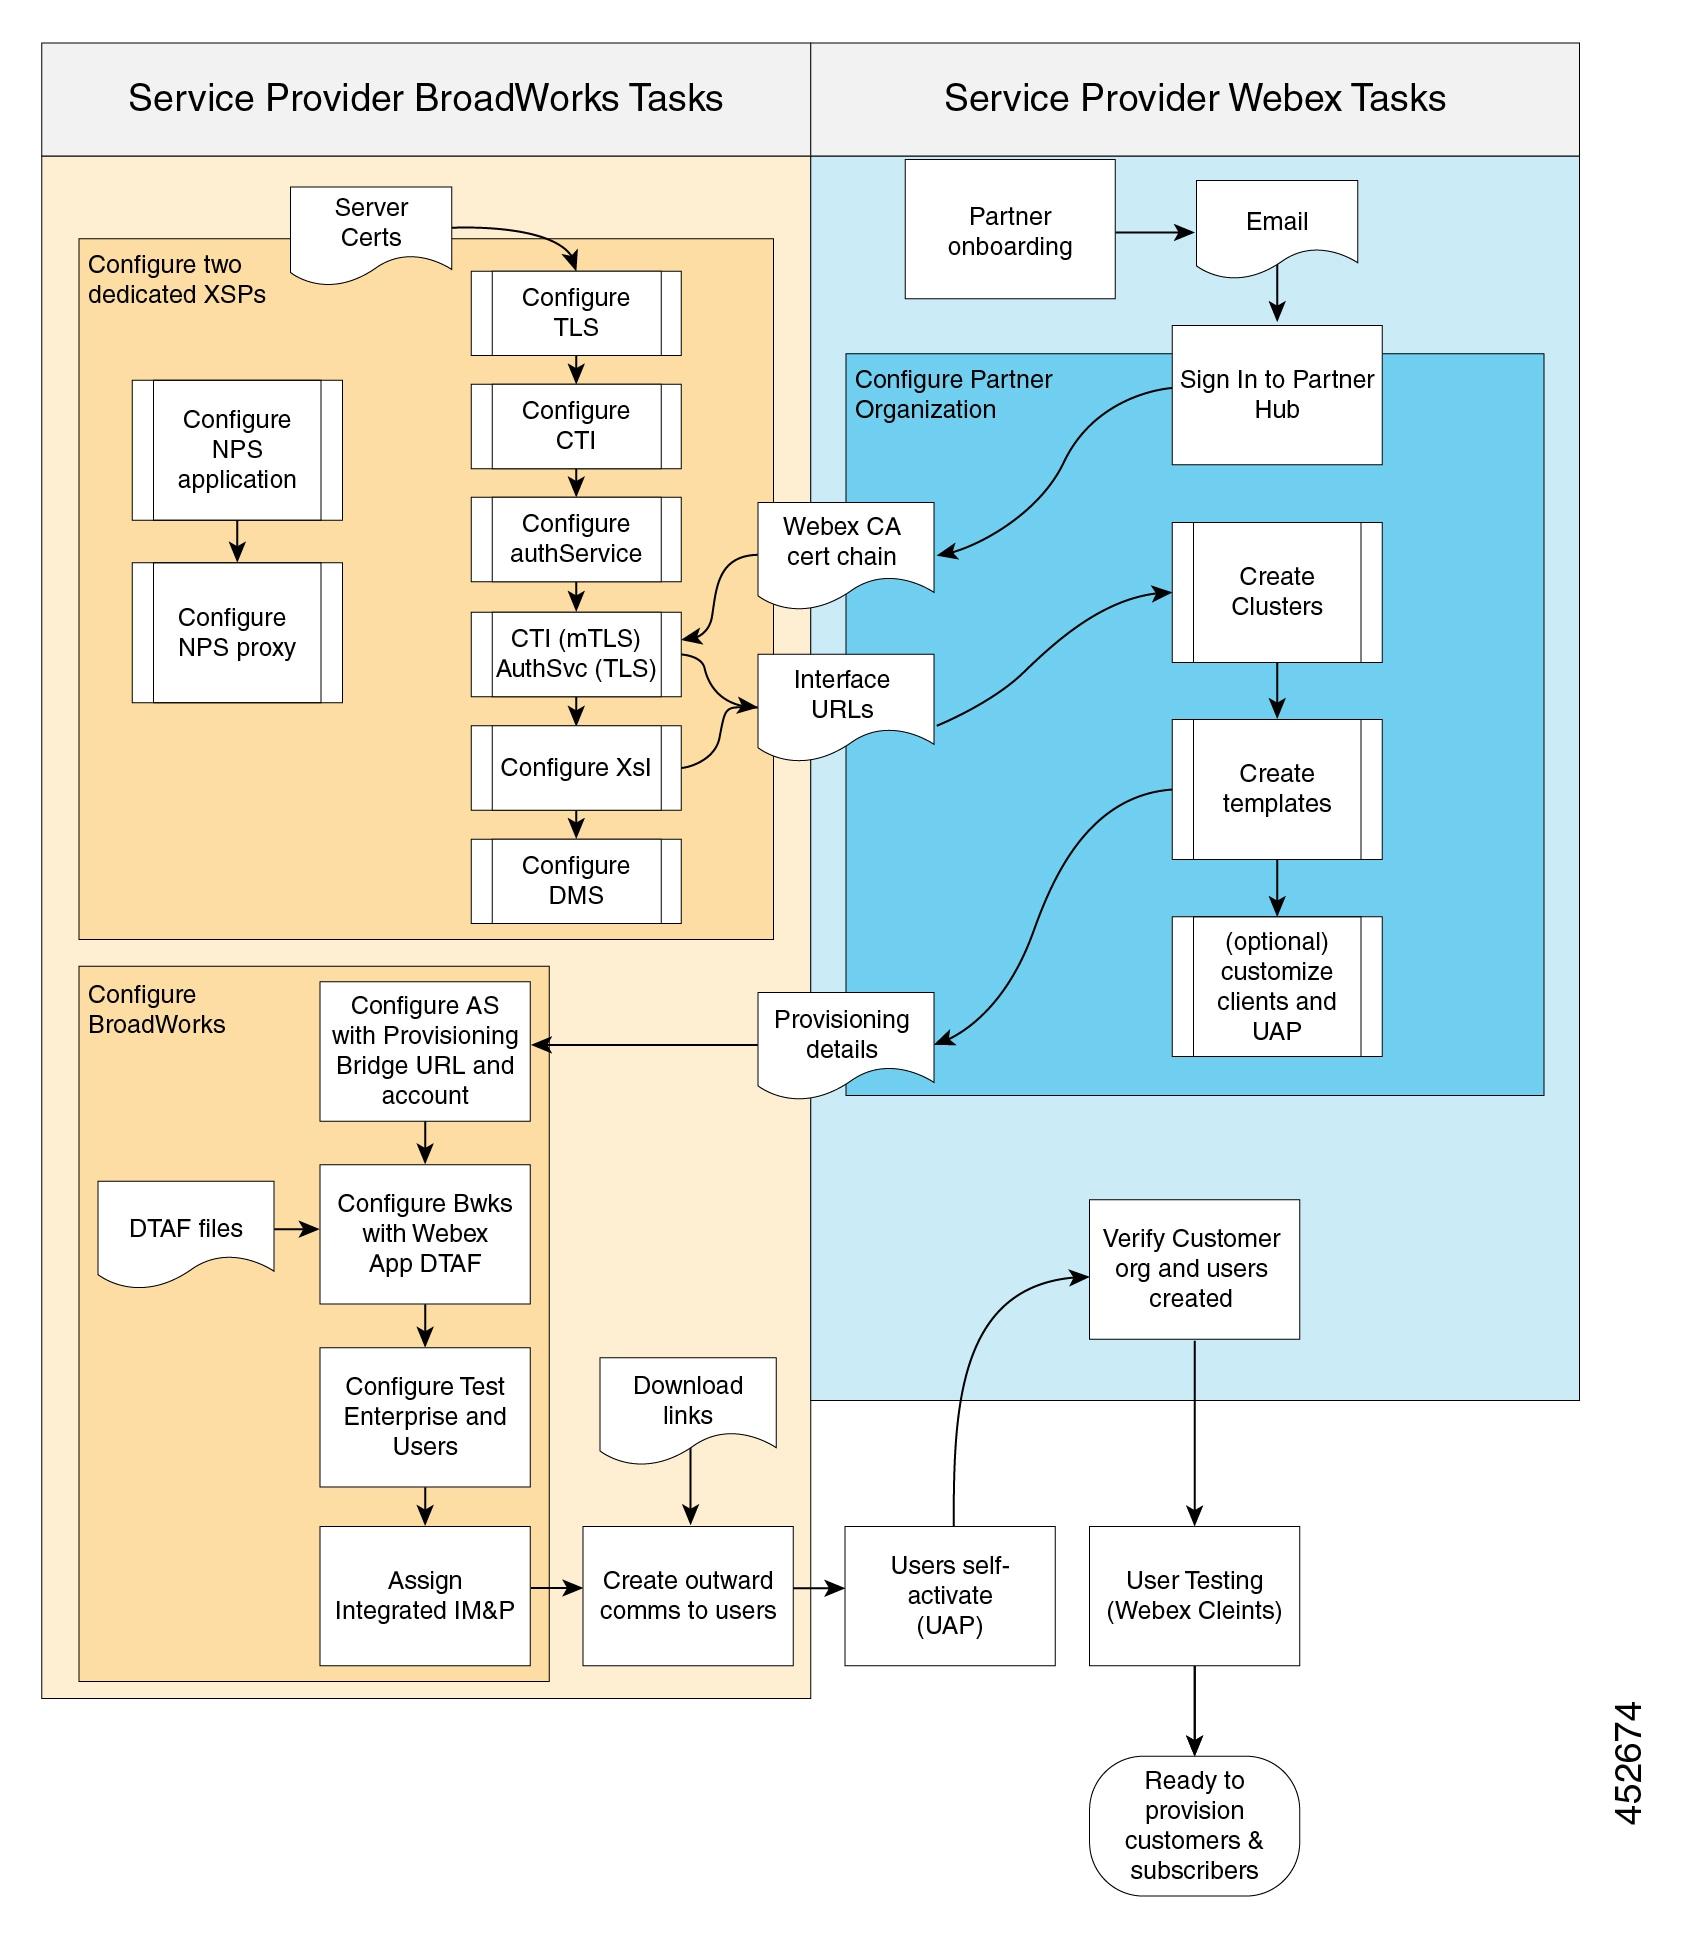 Viser rækkefølgen af opgaver, der er nødvendig for implementering af Webex til BroadWorks med flow-through klargøring uden e-mails